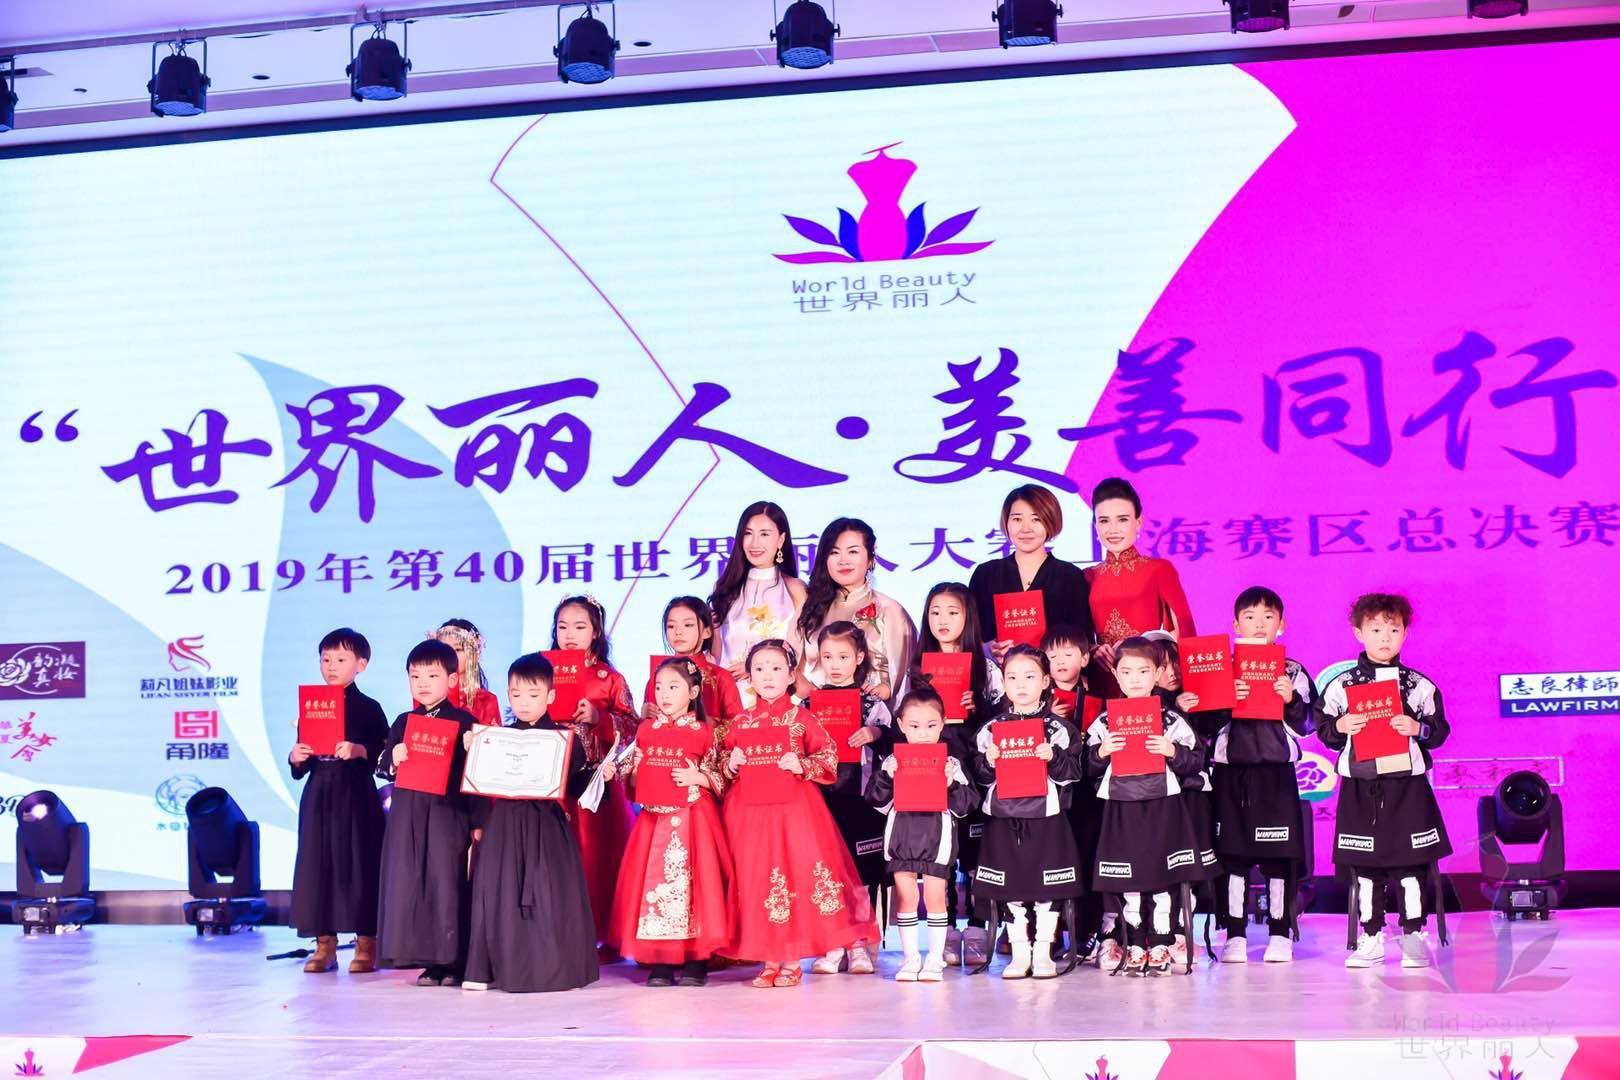 荣耀盛世——第40届世界丽人大赛上海赛区总决赛圆满落幕插图(3)